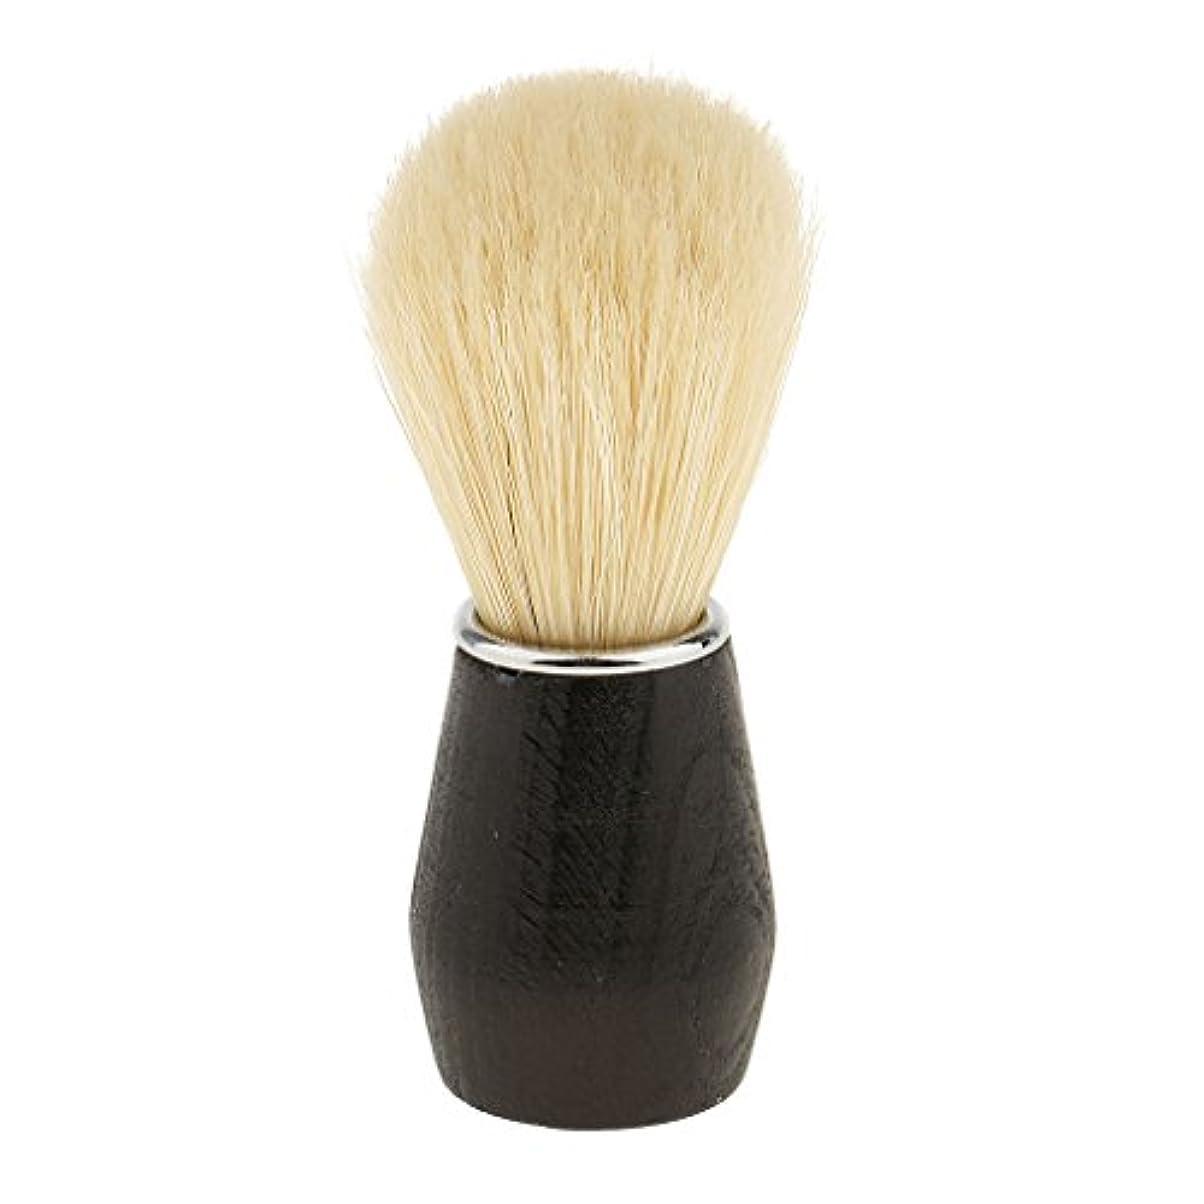 やる送るやるひげ剃りブラシ シェービングブラシ 毛髭ブラシ フェイシャルクリーニングブラシ プラスチックハンドル